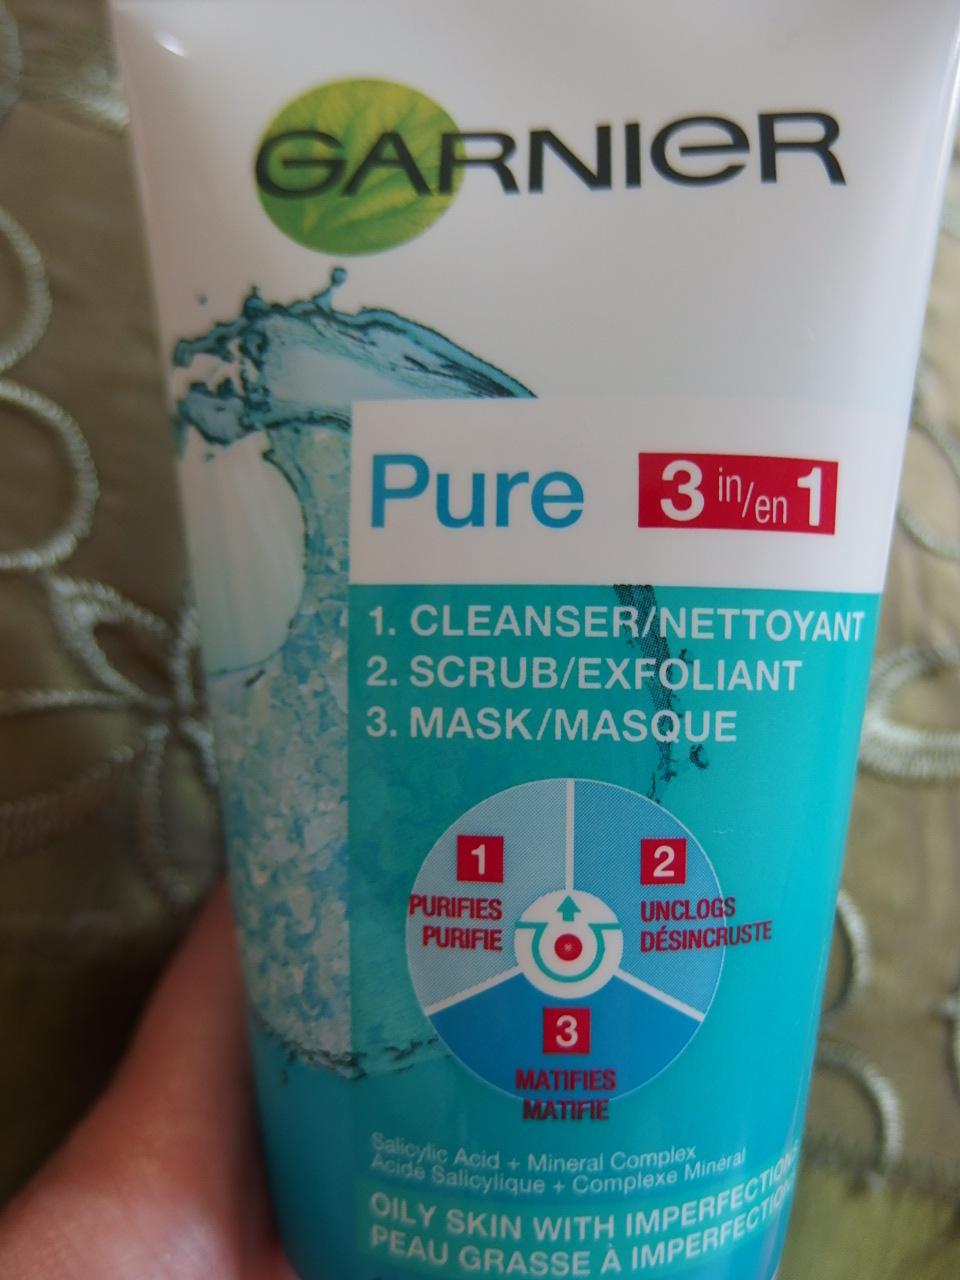 Garnier Exfoliating Scrub from Walmart